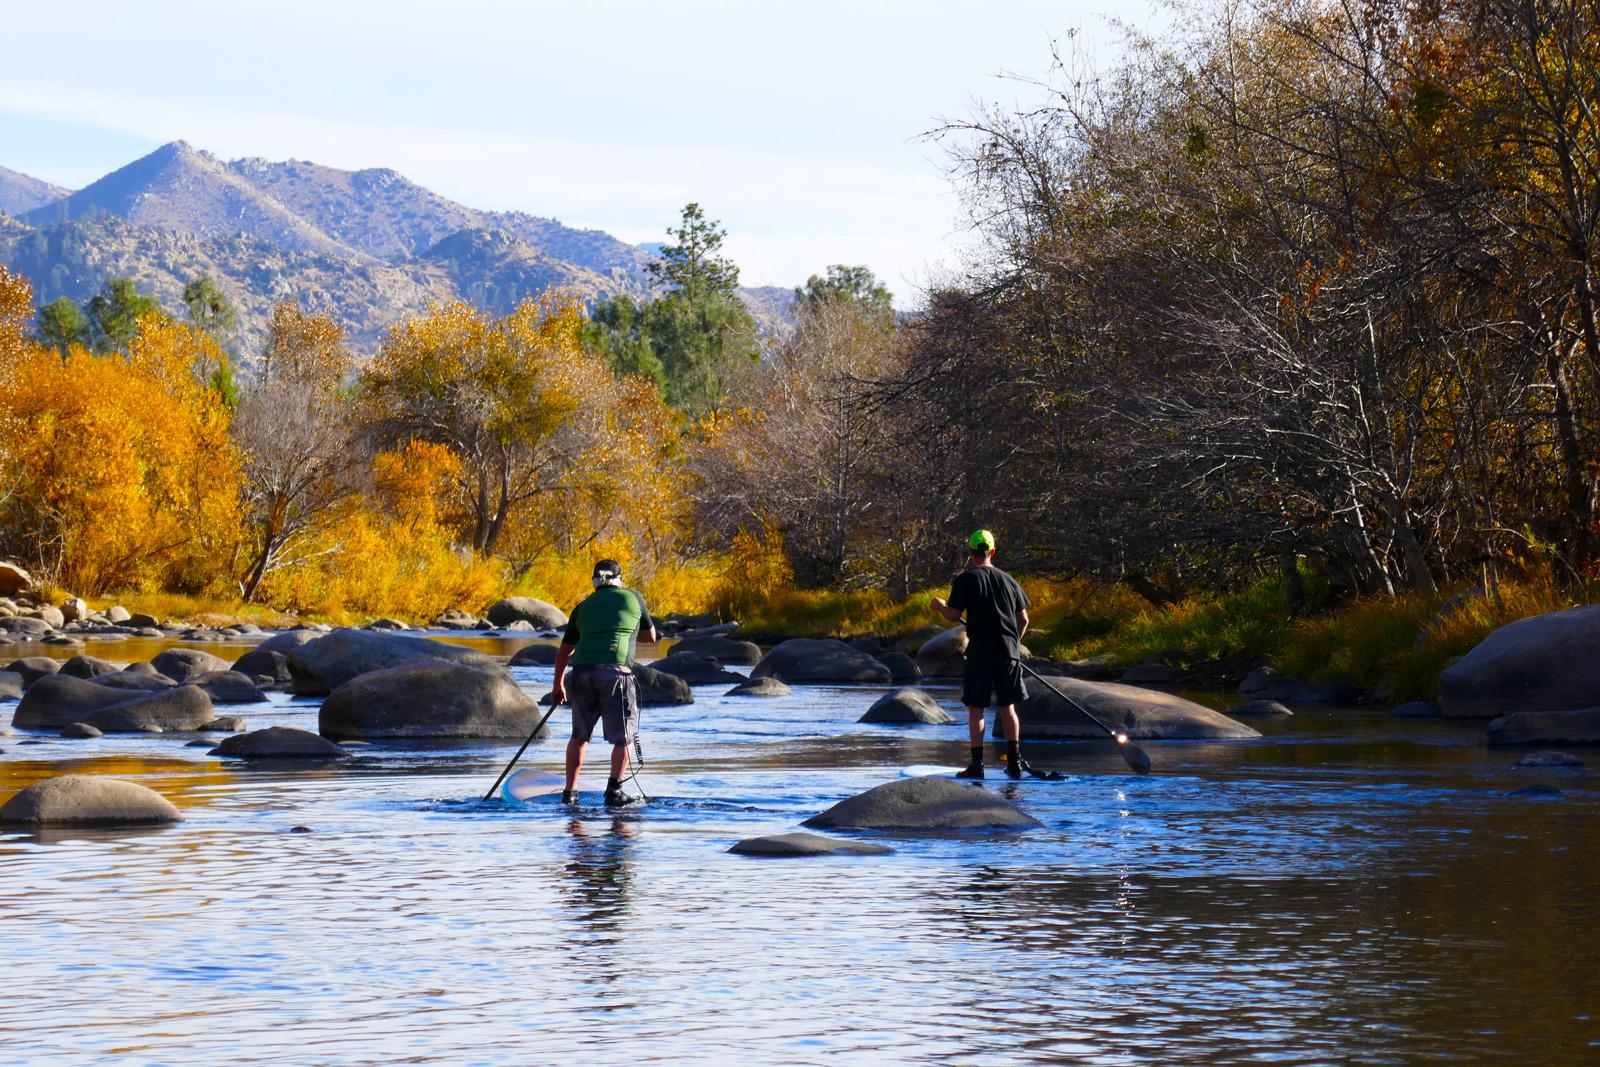 Kern River SUP